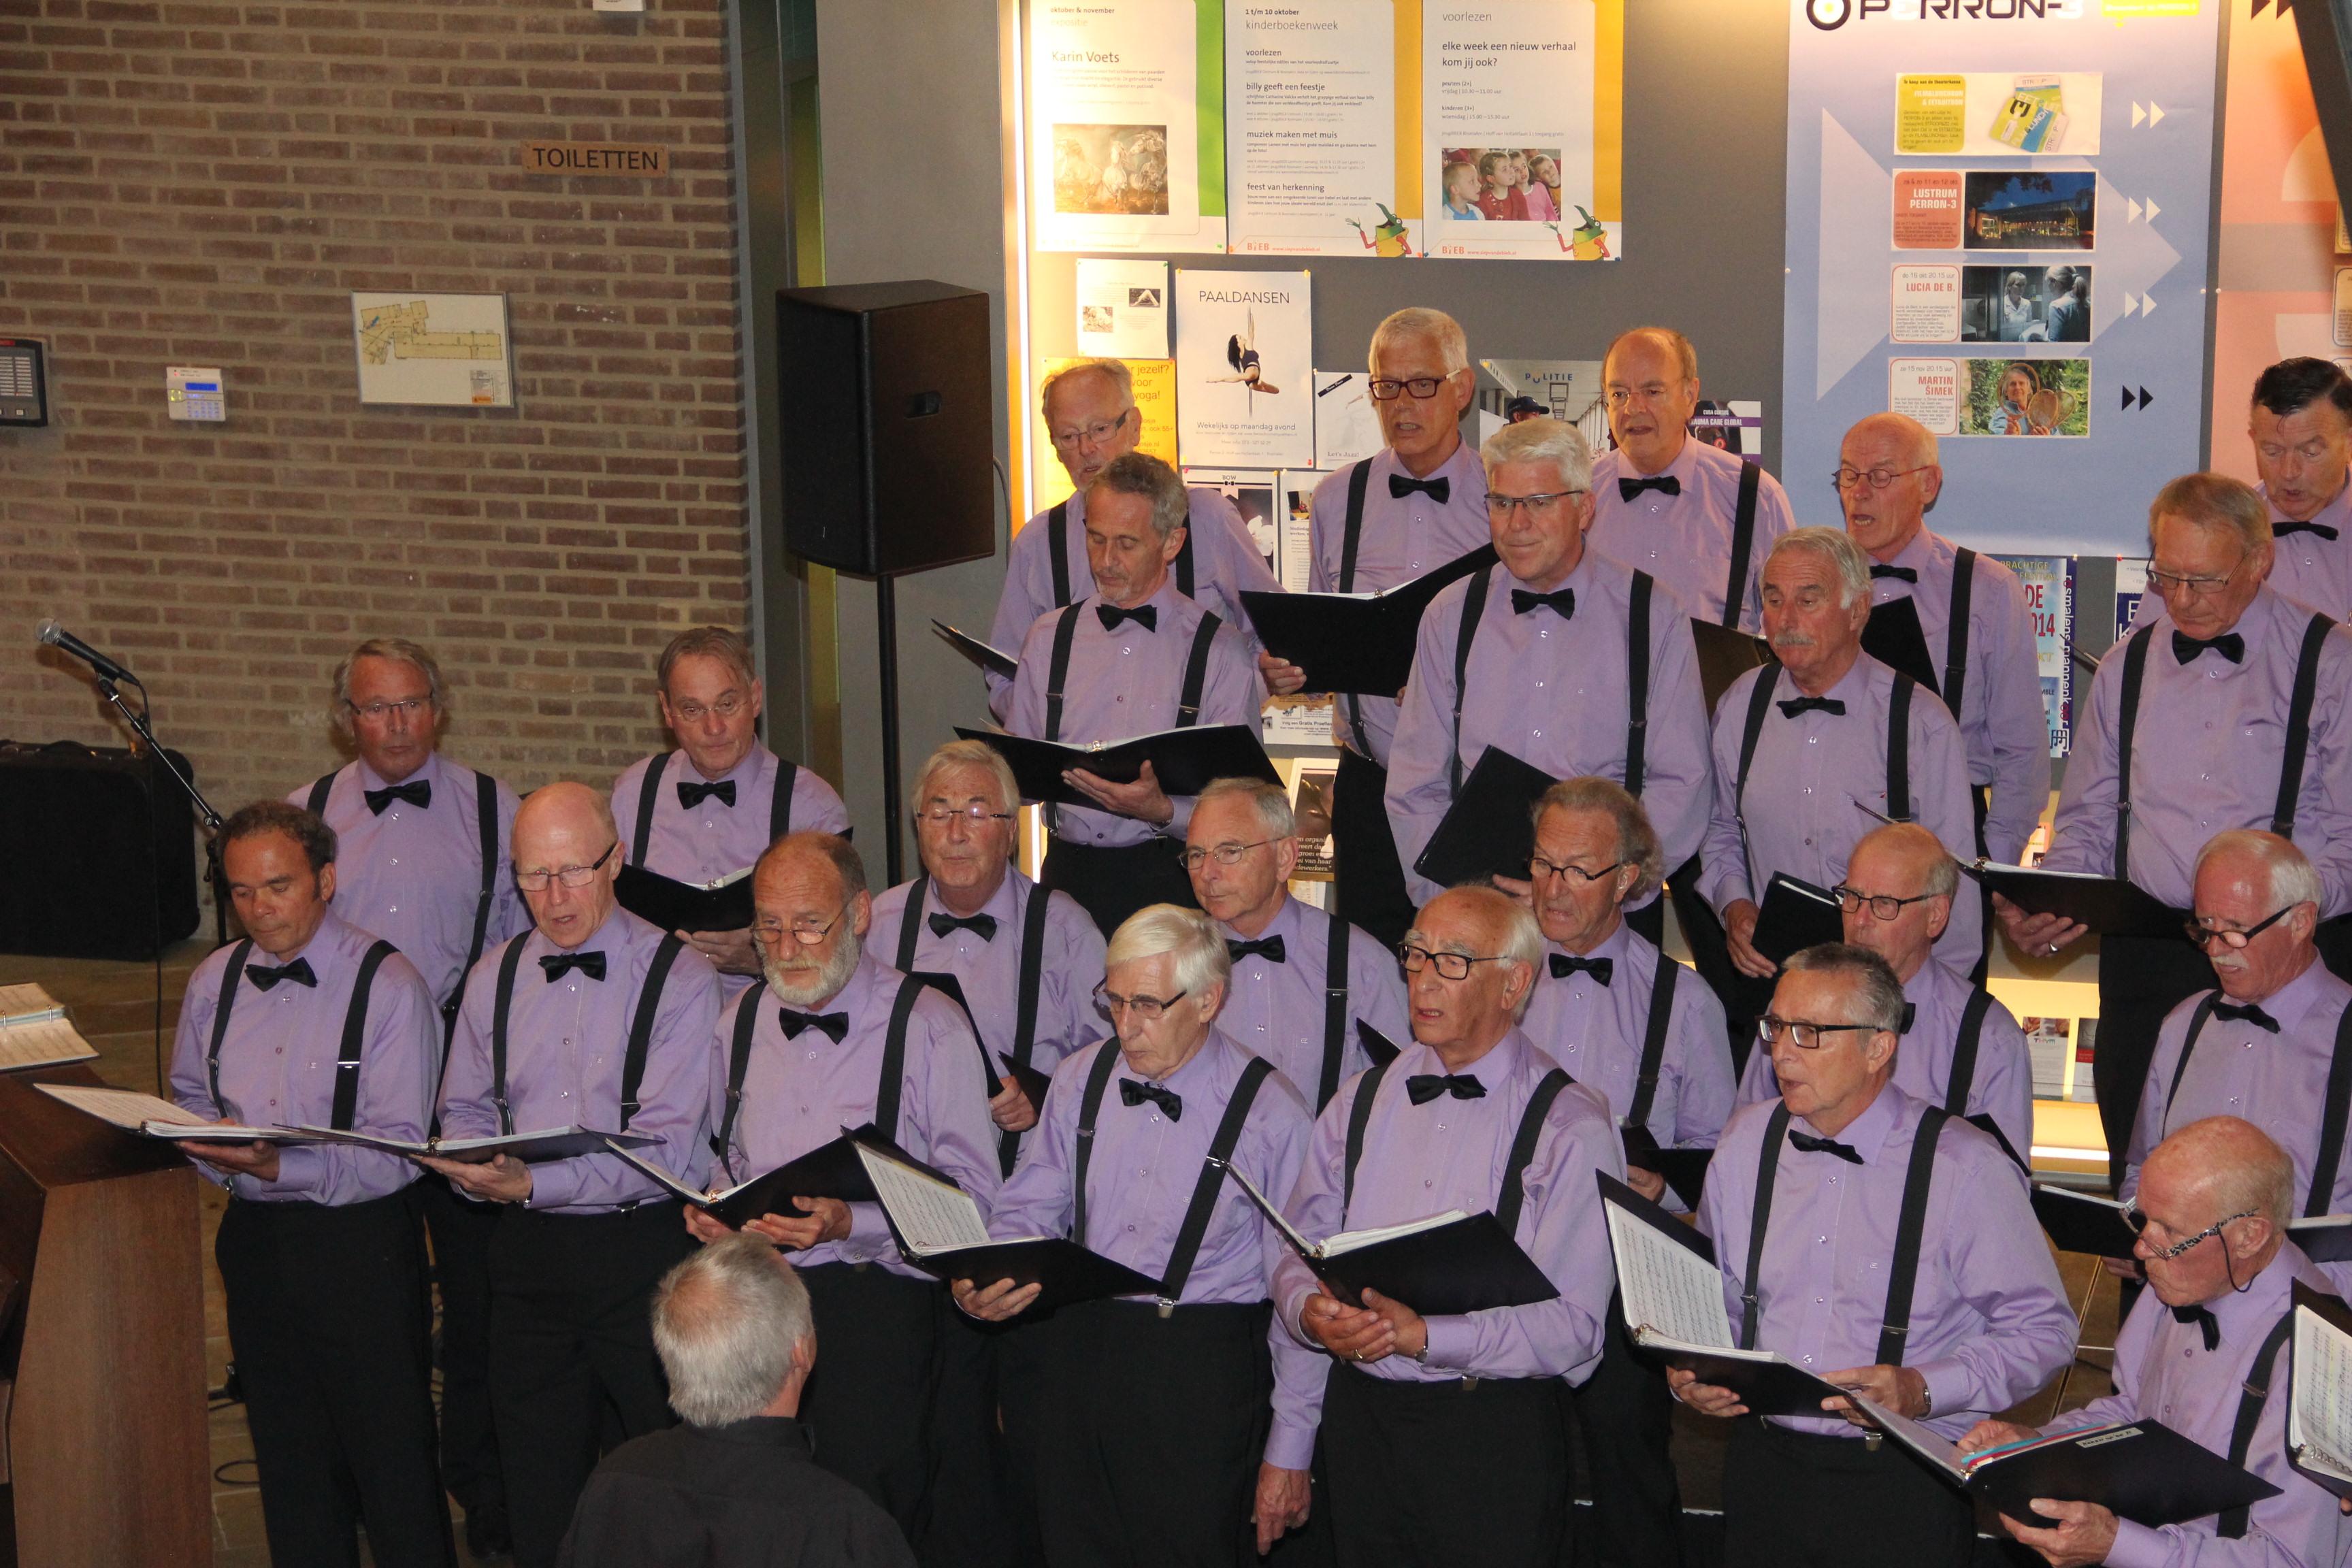 2014-10-04 Koren op de Rosmolen B (01)